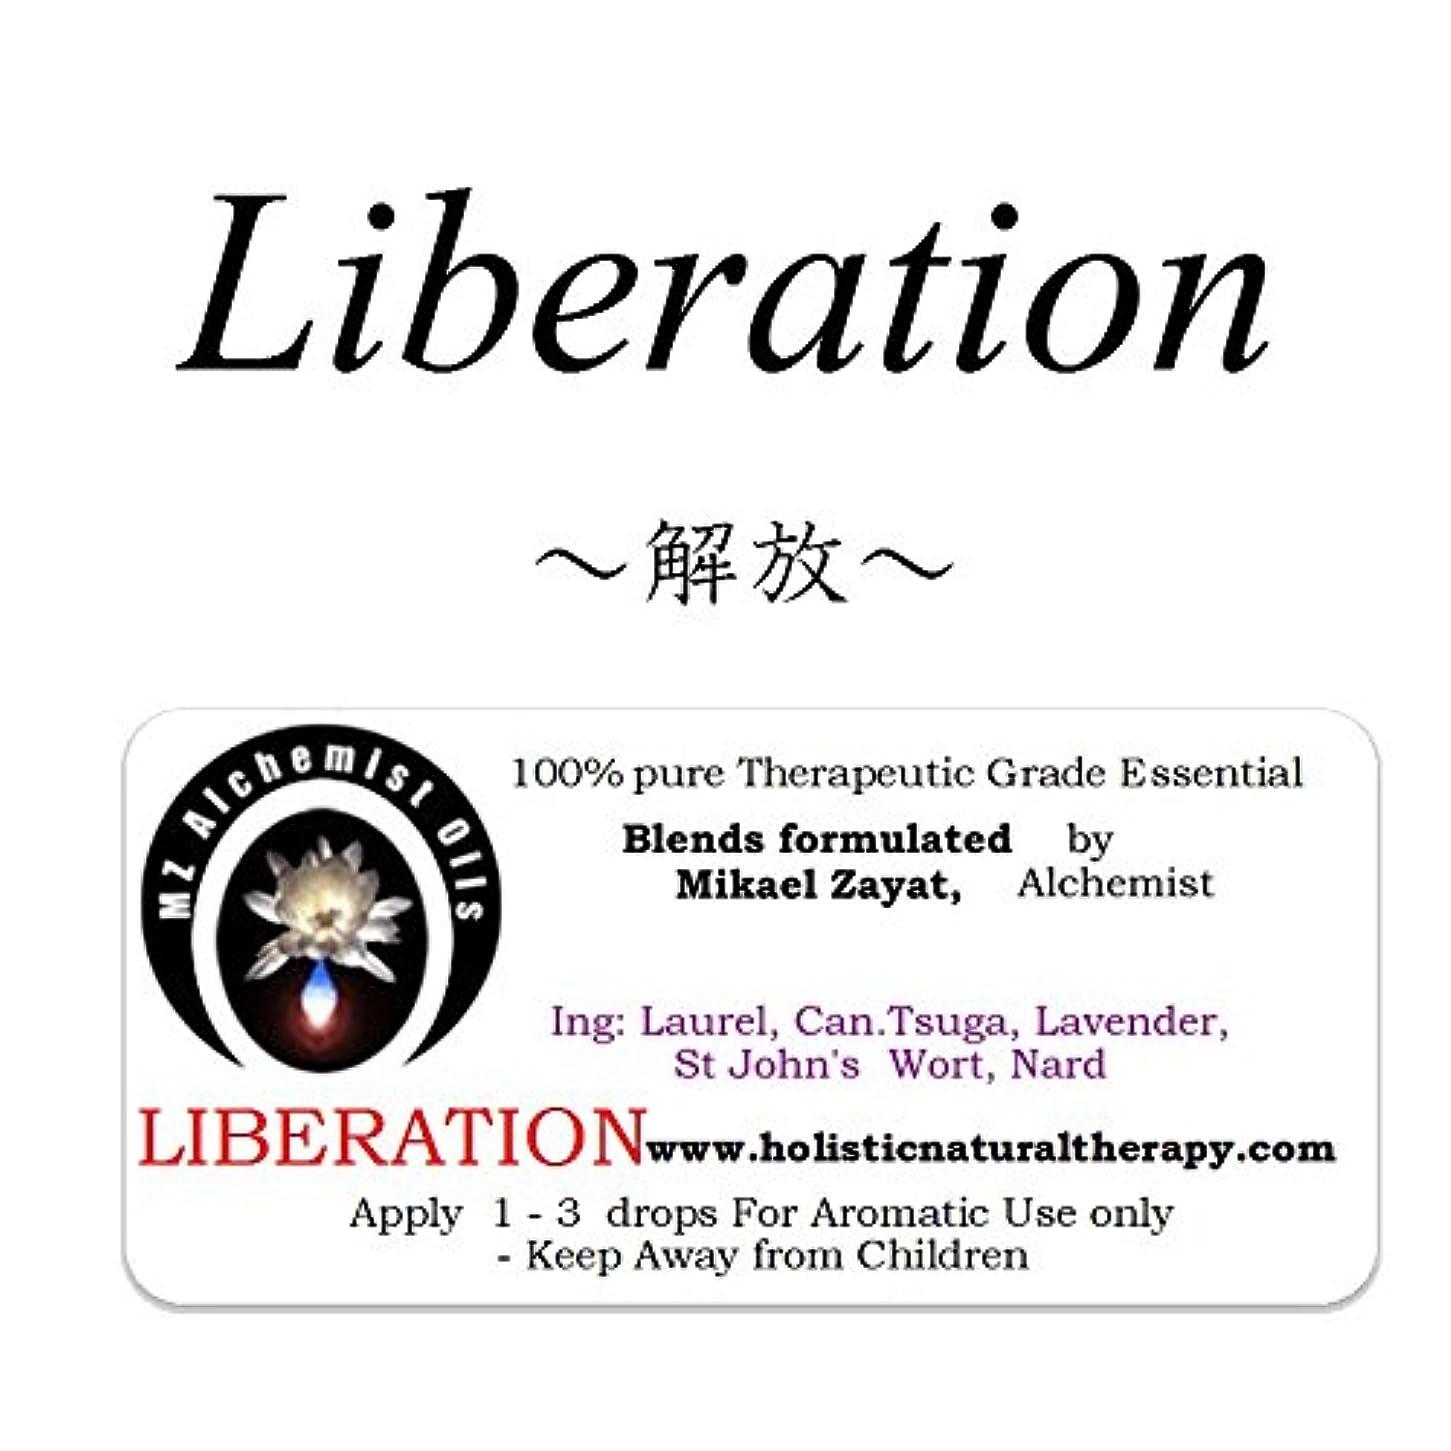 休日第二びっくりミカエル?ザヤットアルケミストオイル セラピストグレードアロマオイル Liberation-リベレーション(解放)- 4ml